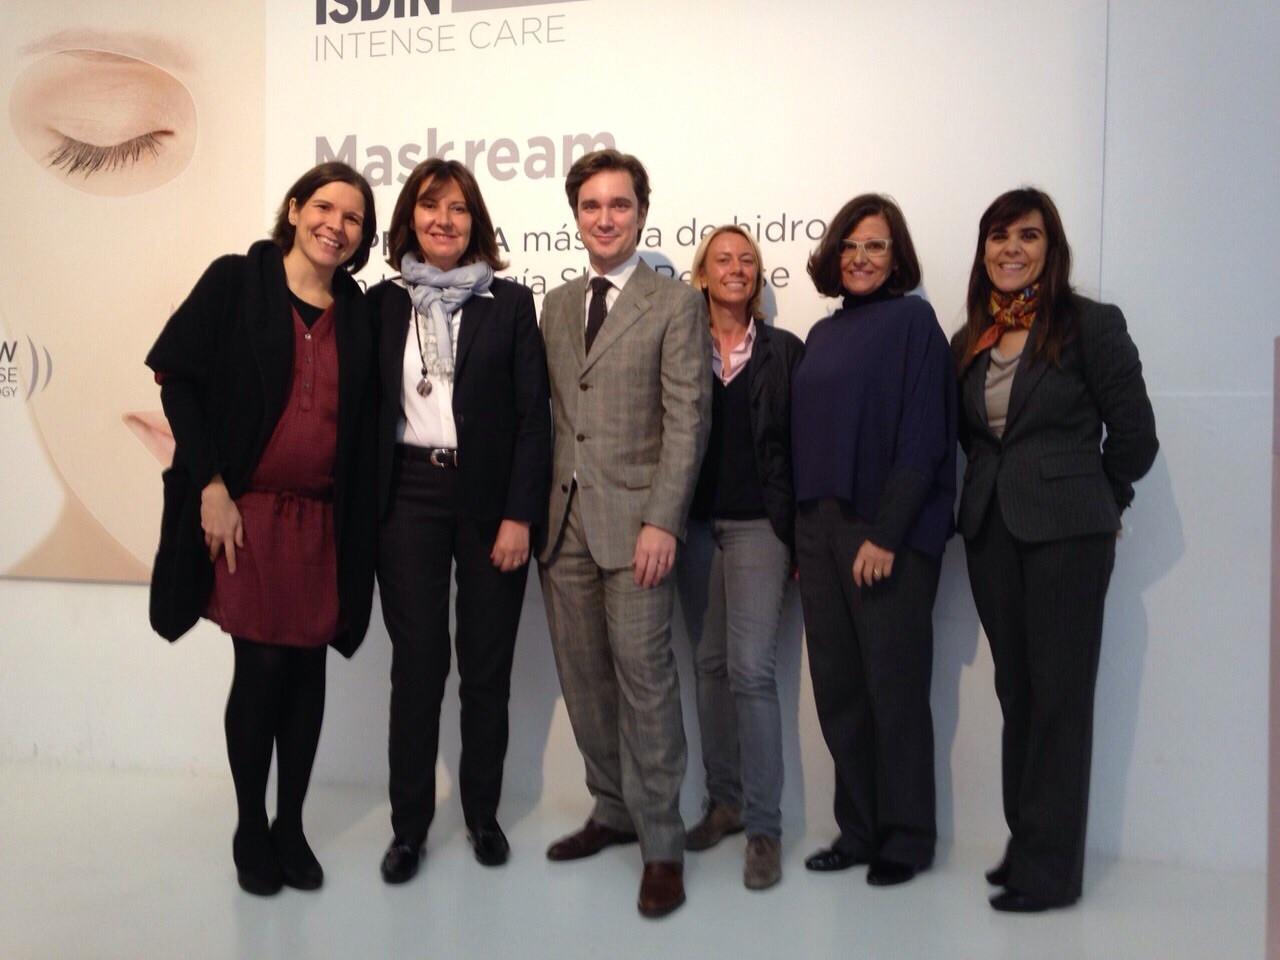 Con el Equipo de Isdin en Madrid - Diciembre 2014